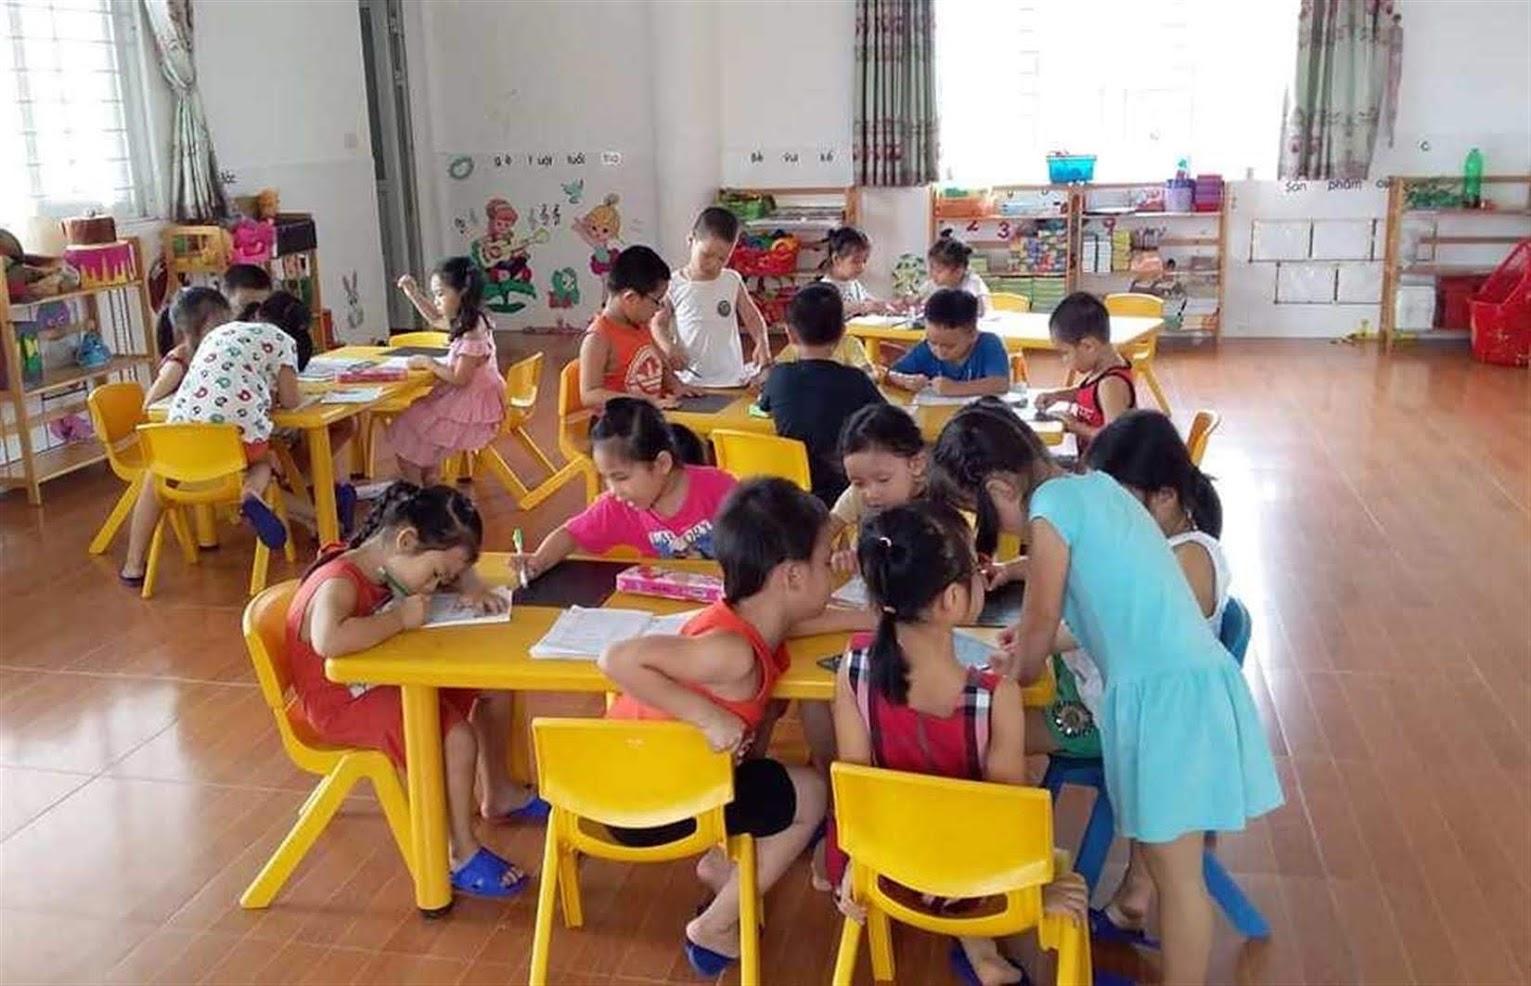 Cần có những giải pháp hợp lý để giải quyết tình trạng thiếu giáo viên,                     nhất là bậc học mầm non và tiểu học